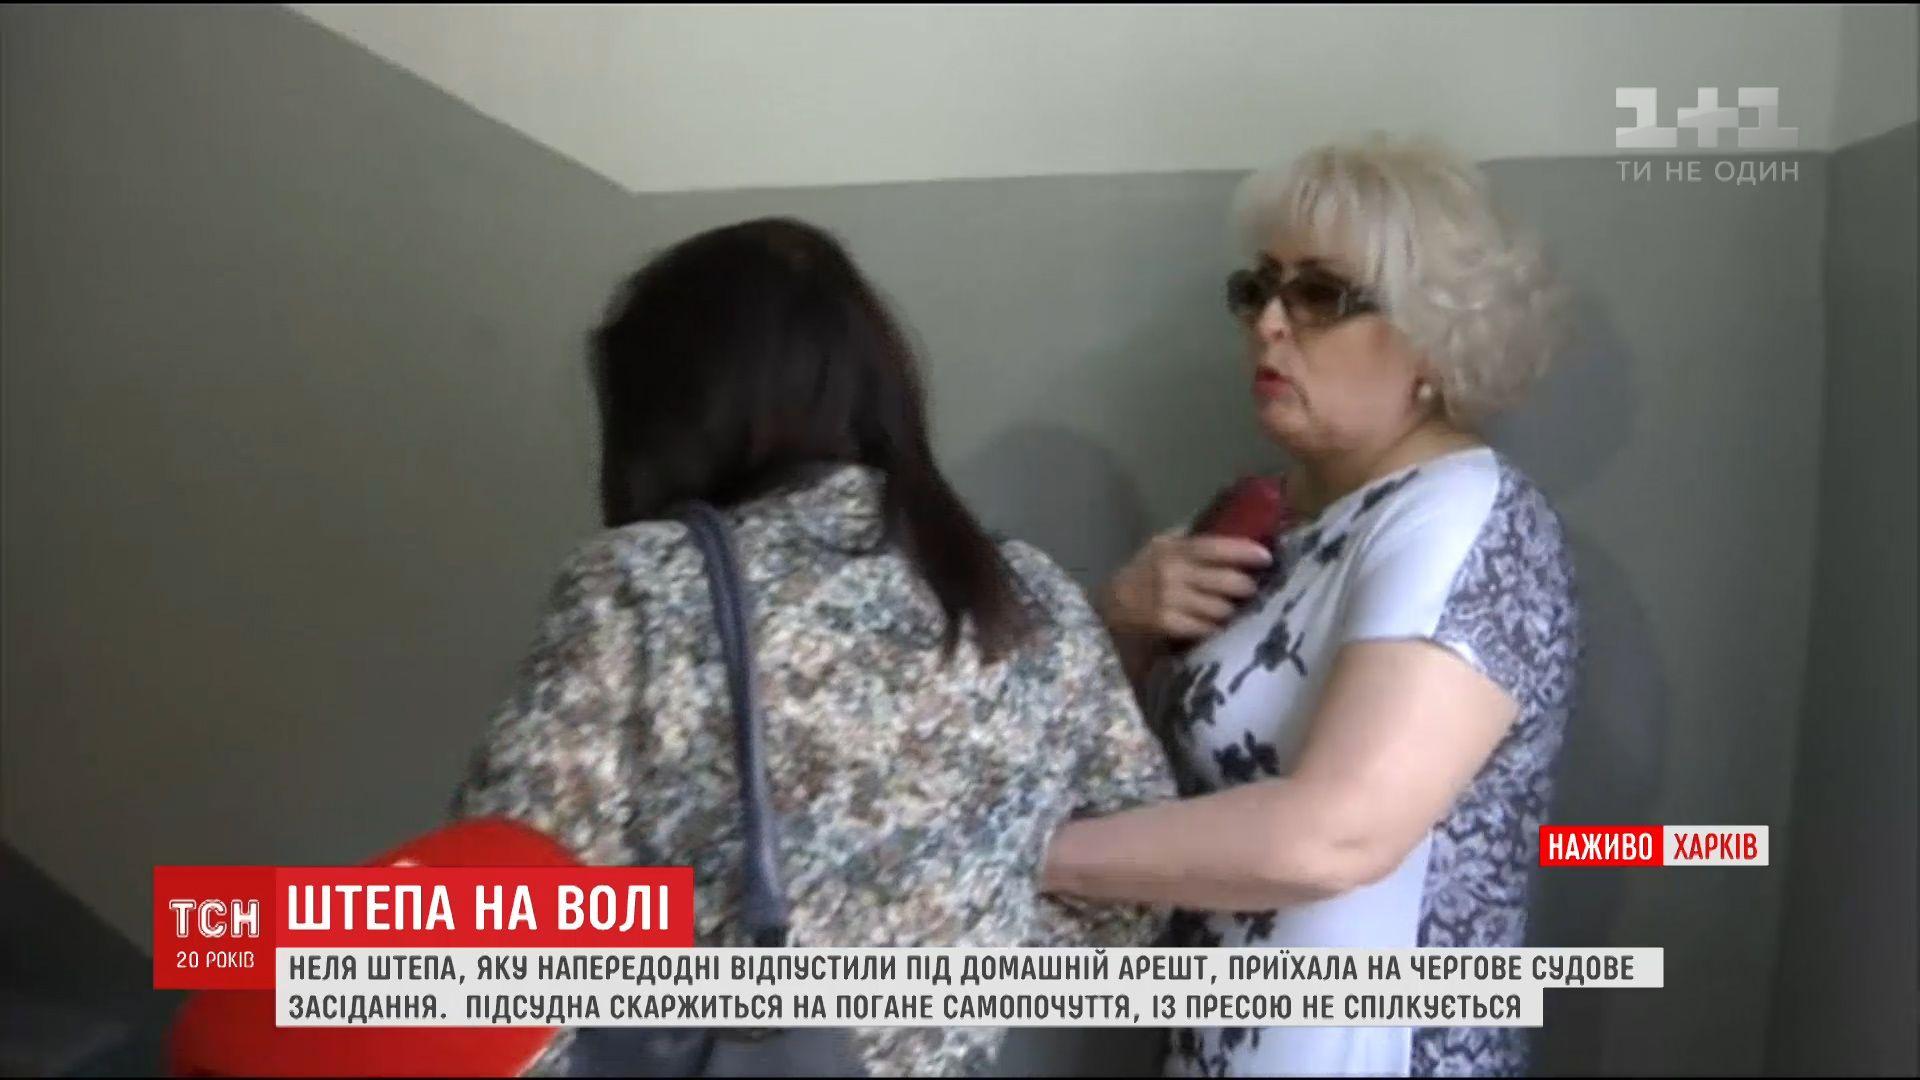 Штепа после выхода из СИЗО зарегистрировалась в Славянском отделении полиции / Скриншот видео ТСН